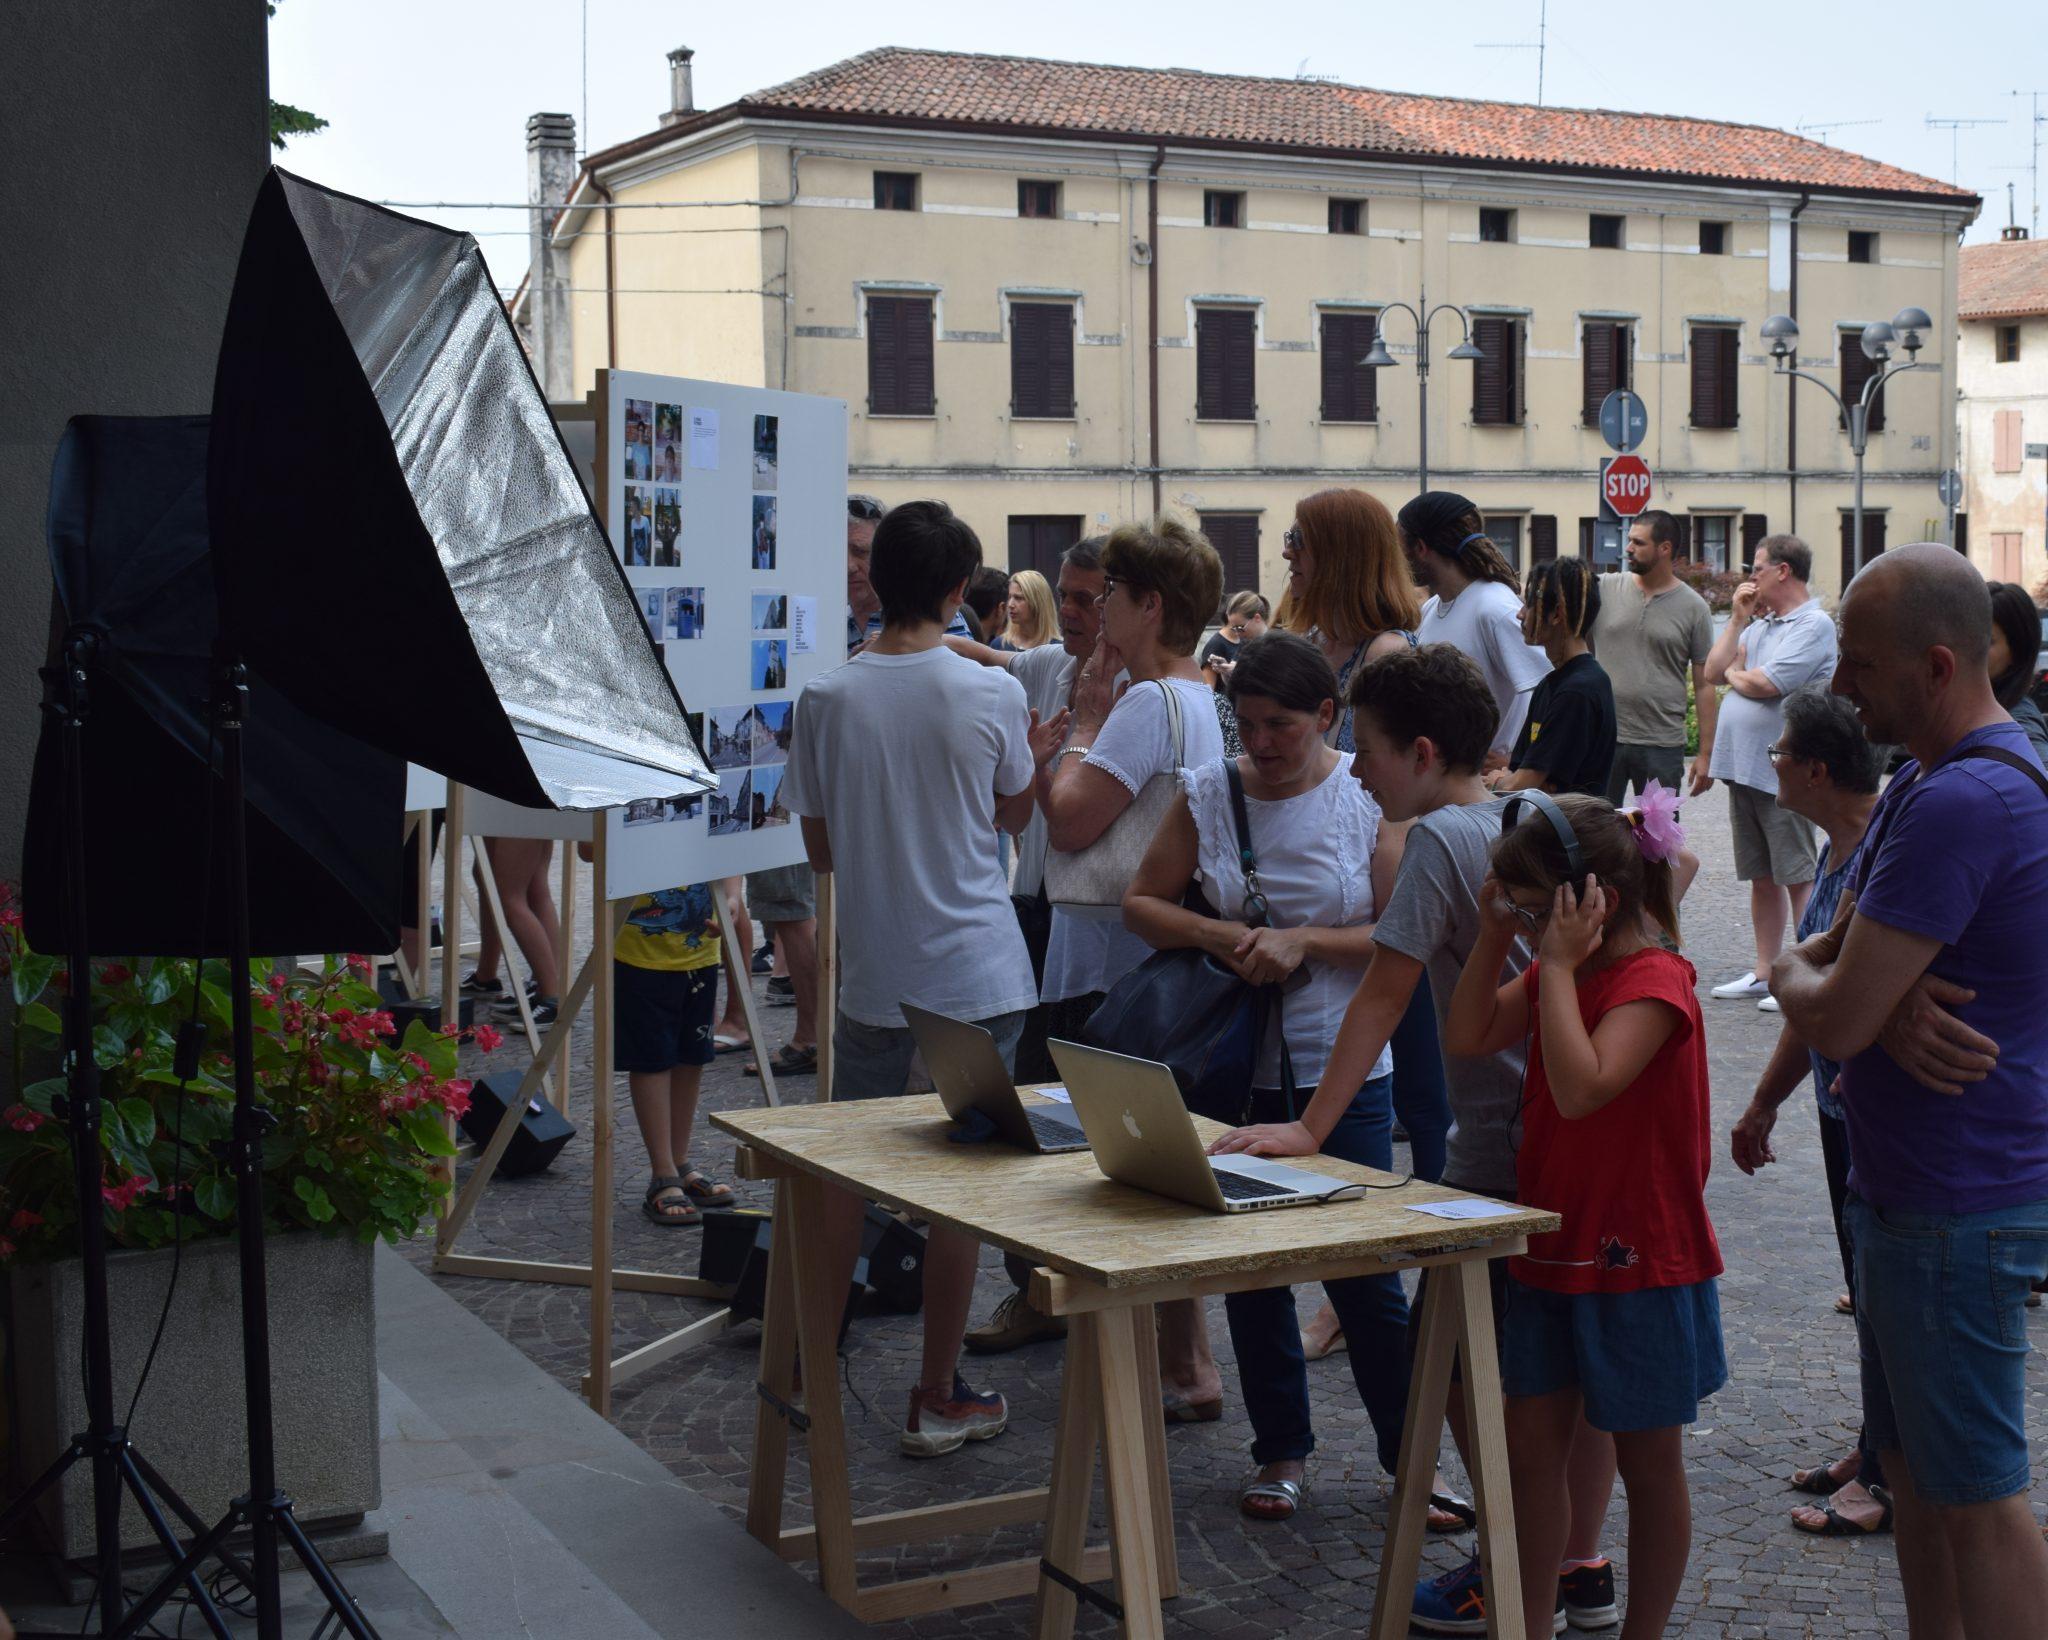 """Il 6 luglio in piazza a Mariano con Comfort Zone: """"raccontare paesaggi"""", nuovo openday con mostra fotografica per il progetto Comfort Zone"""